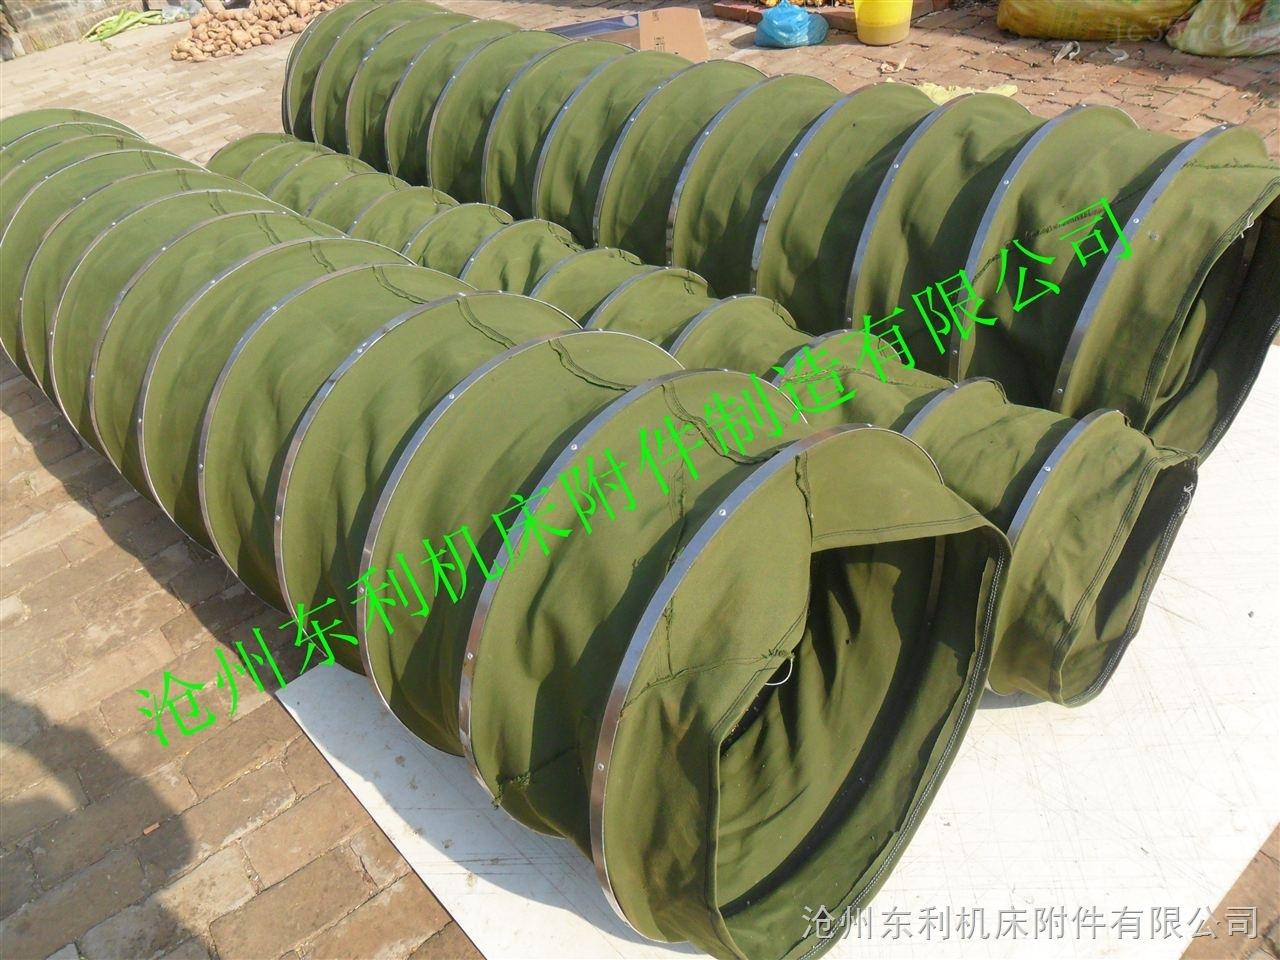 石灰厂专用耐用散装布袋规格介绍